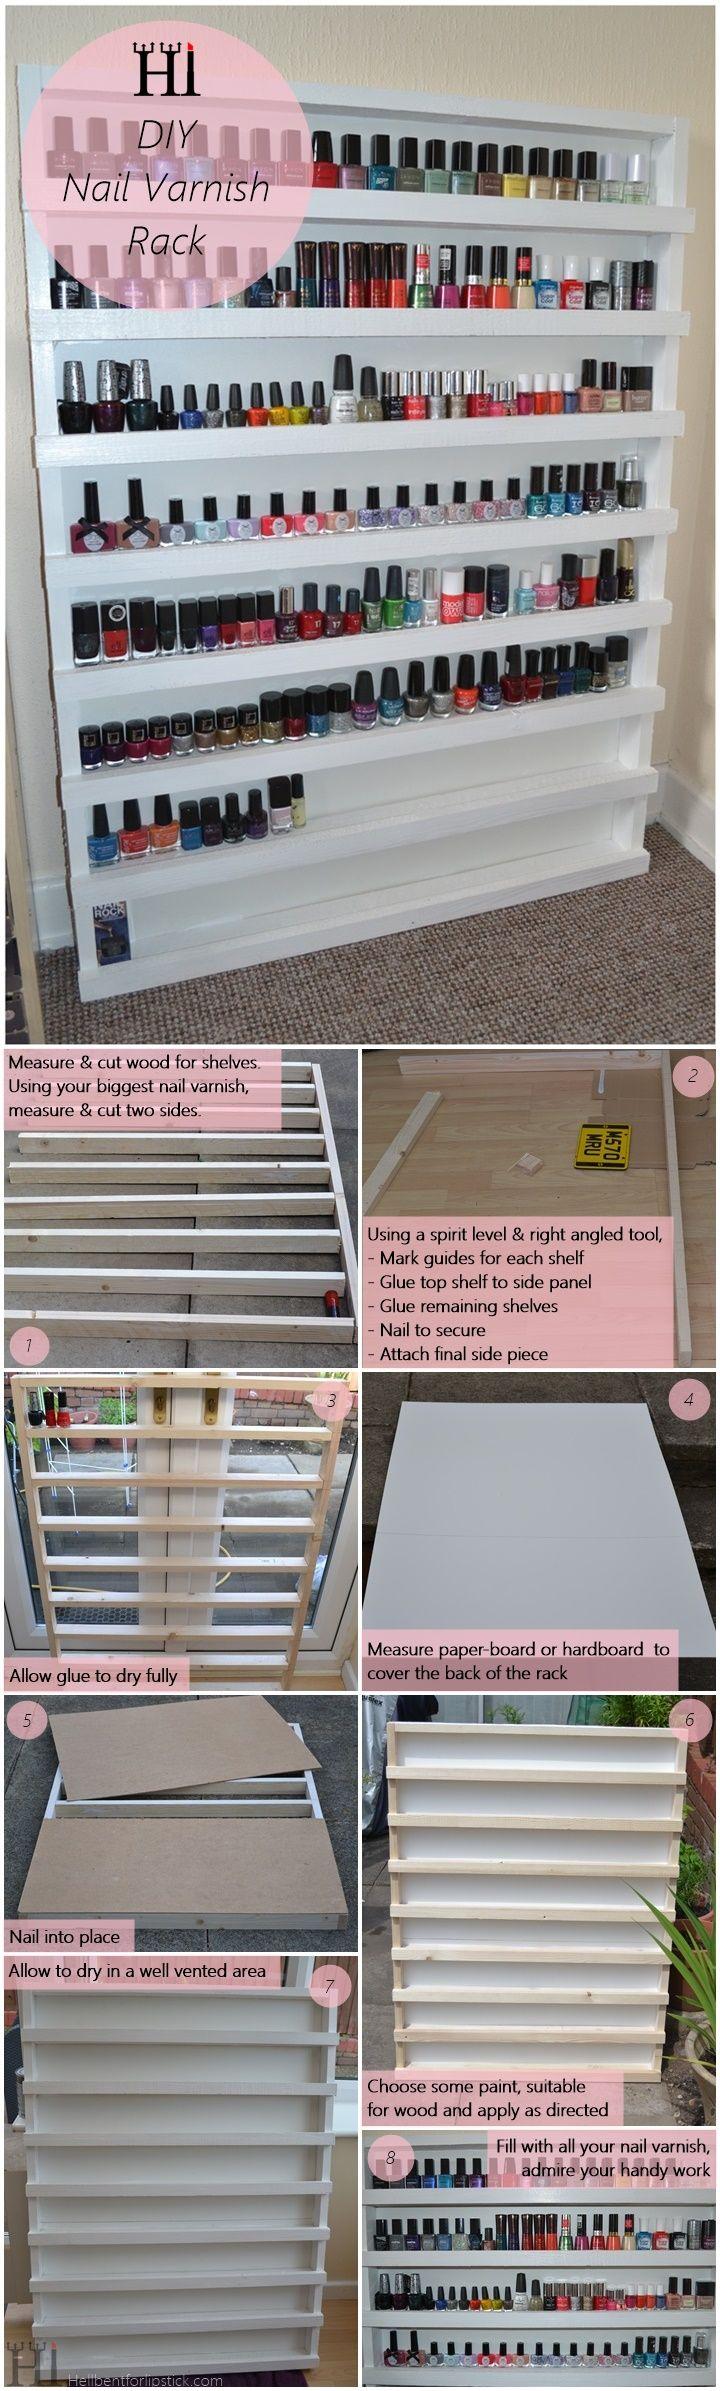 Bathroom Organization Ideas | Shelves, Bathroom organization and Diy ...